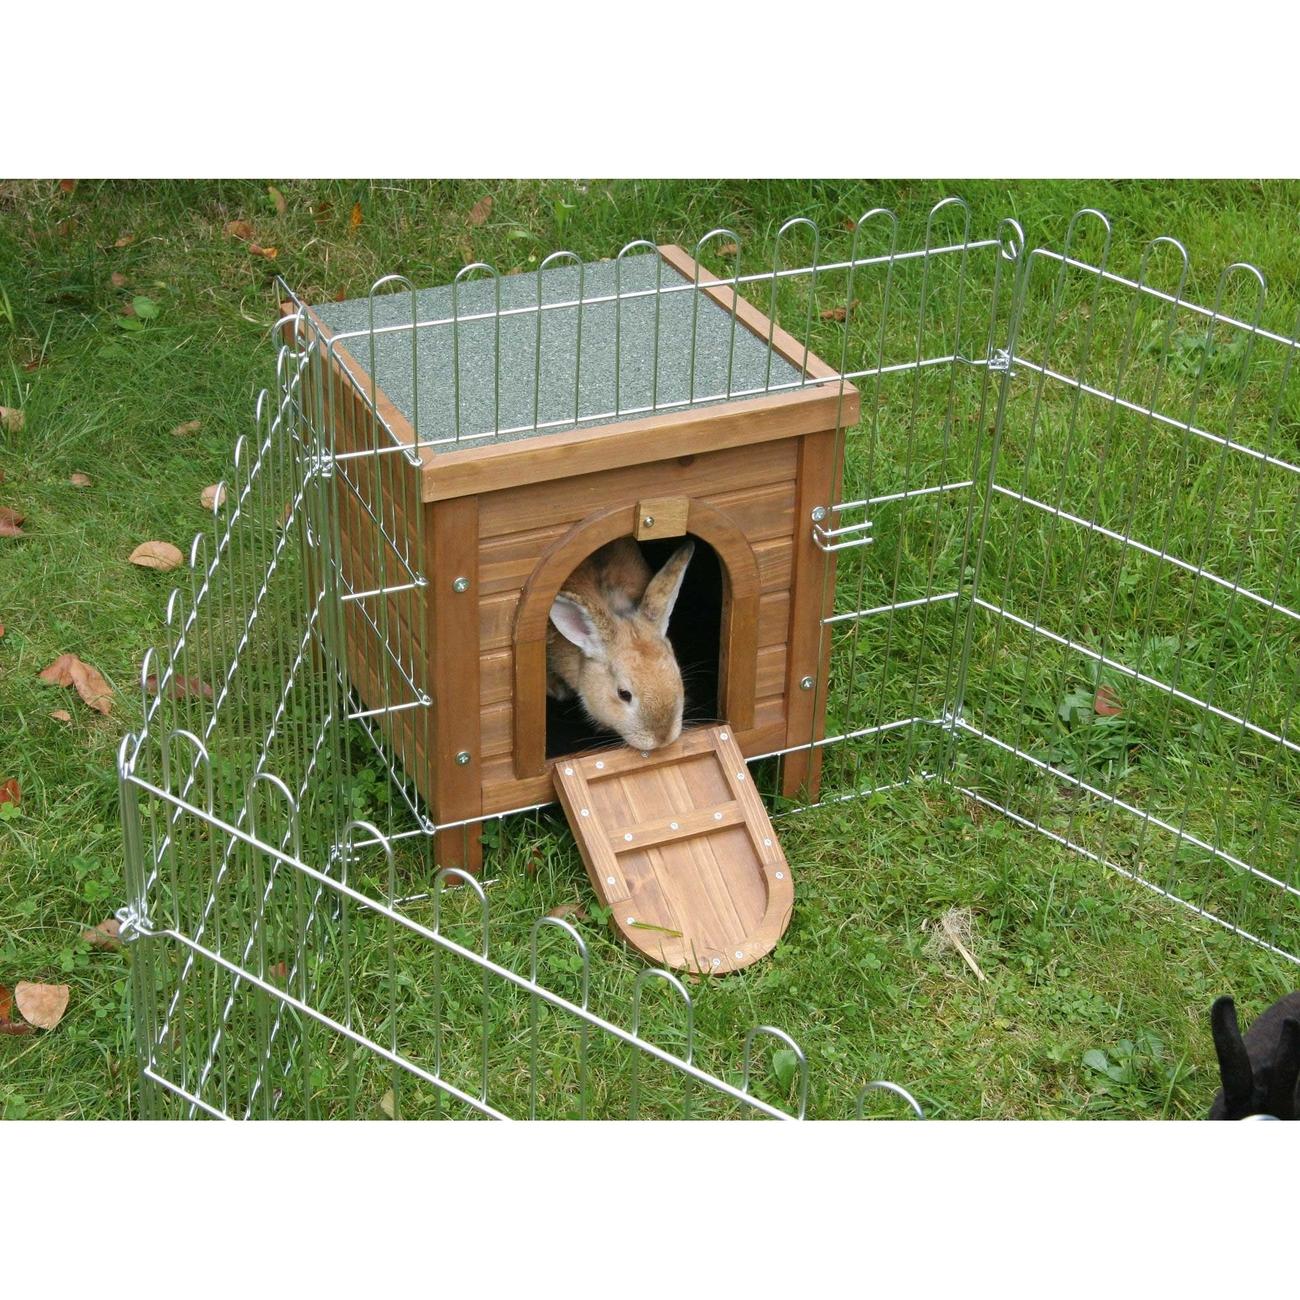 Kerbl Outdoor Kleintierhaus Kaninchenhaus, Bild 2